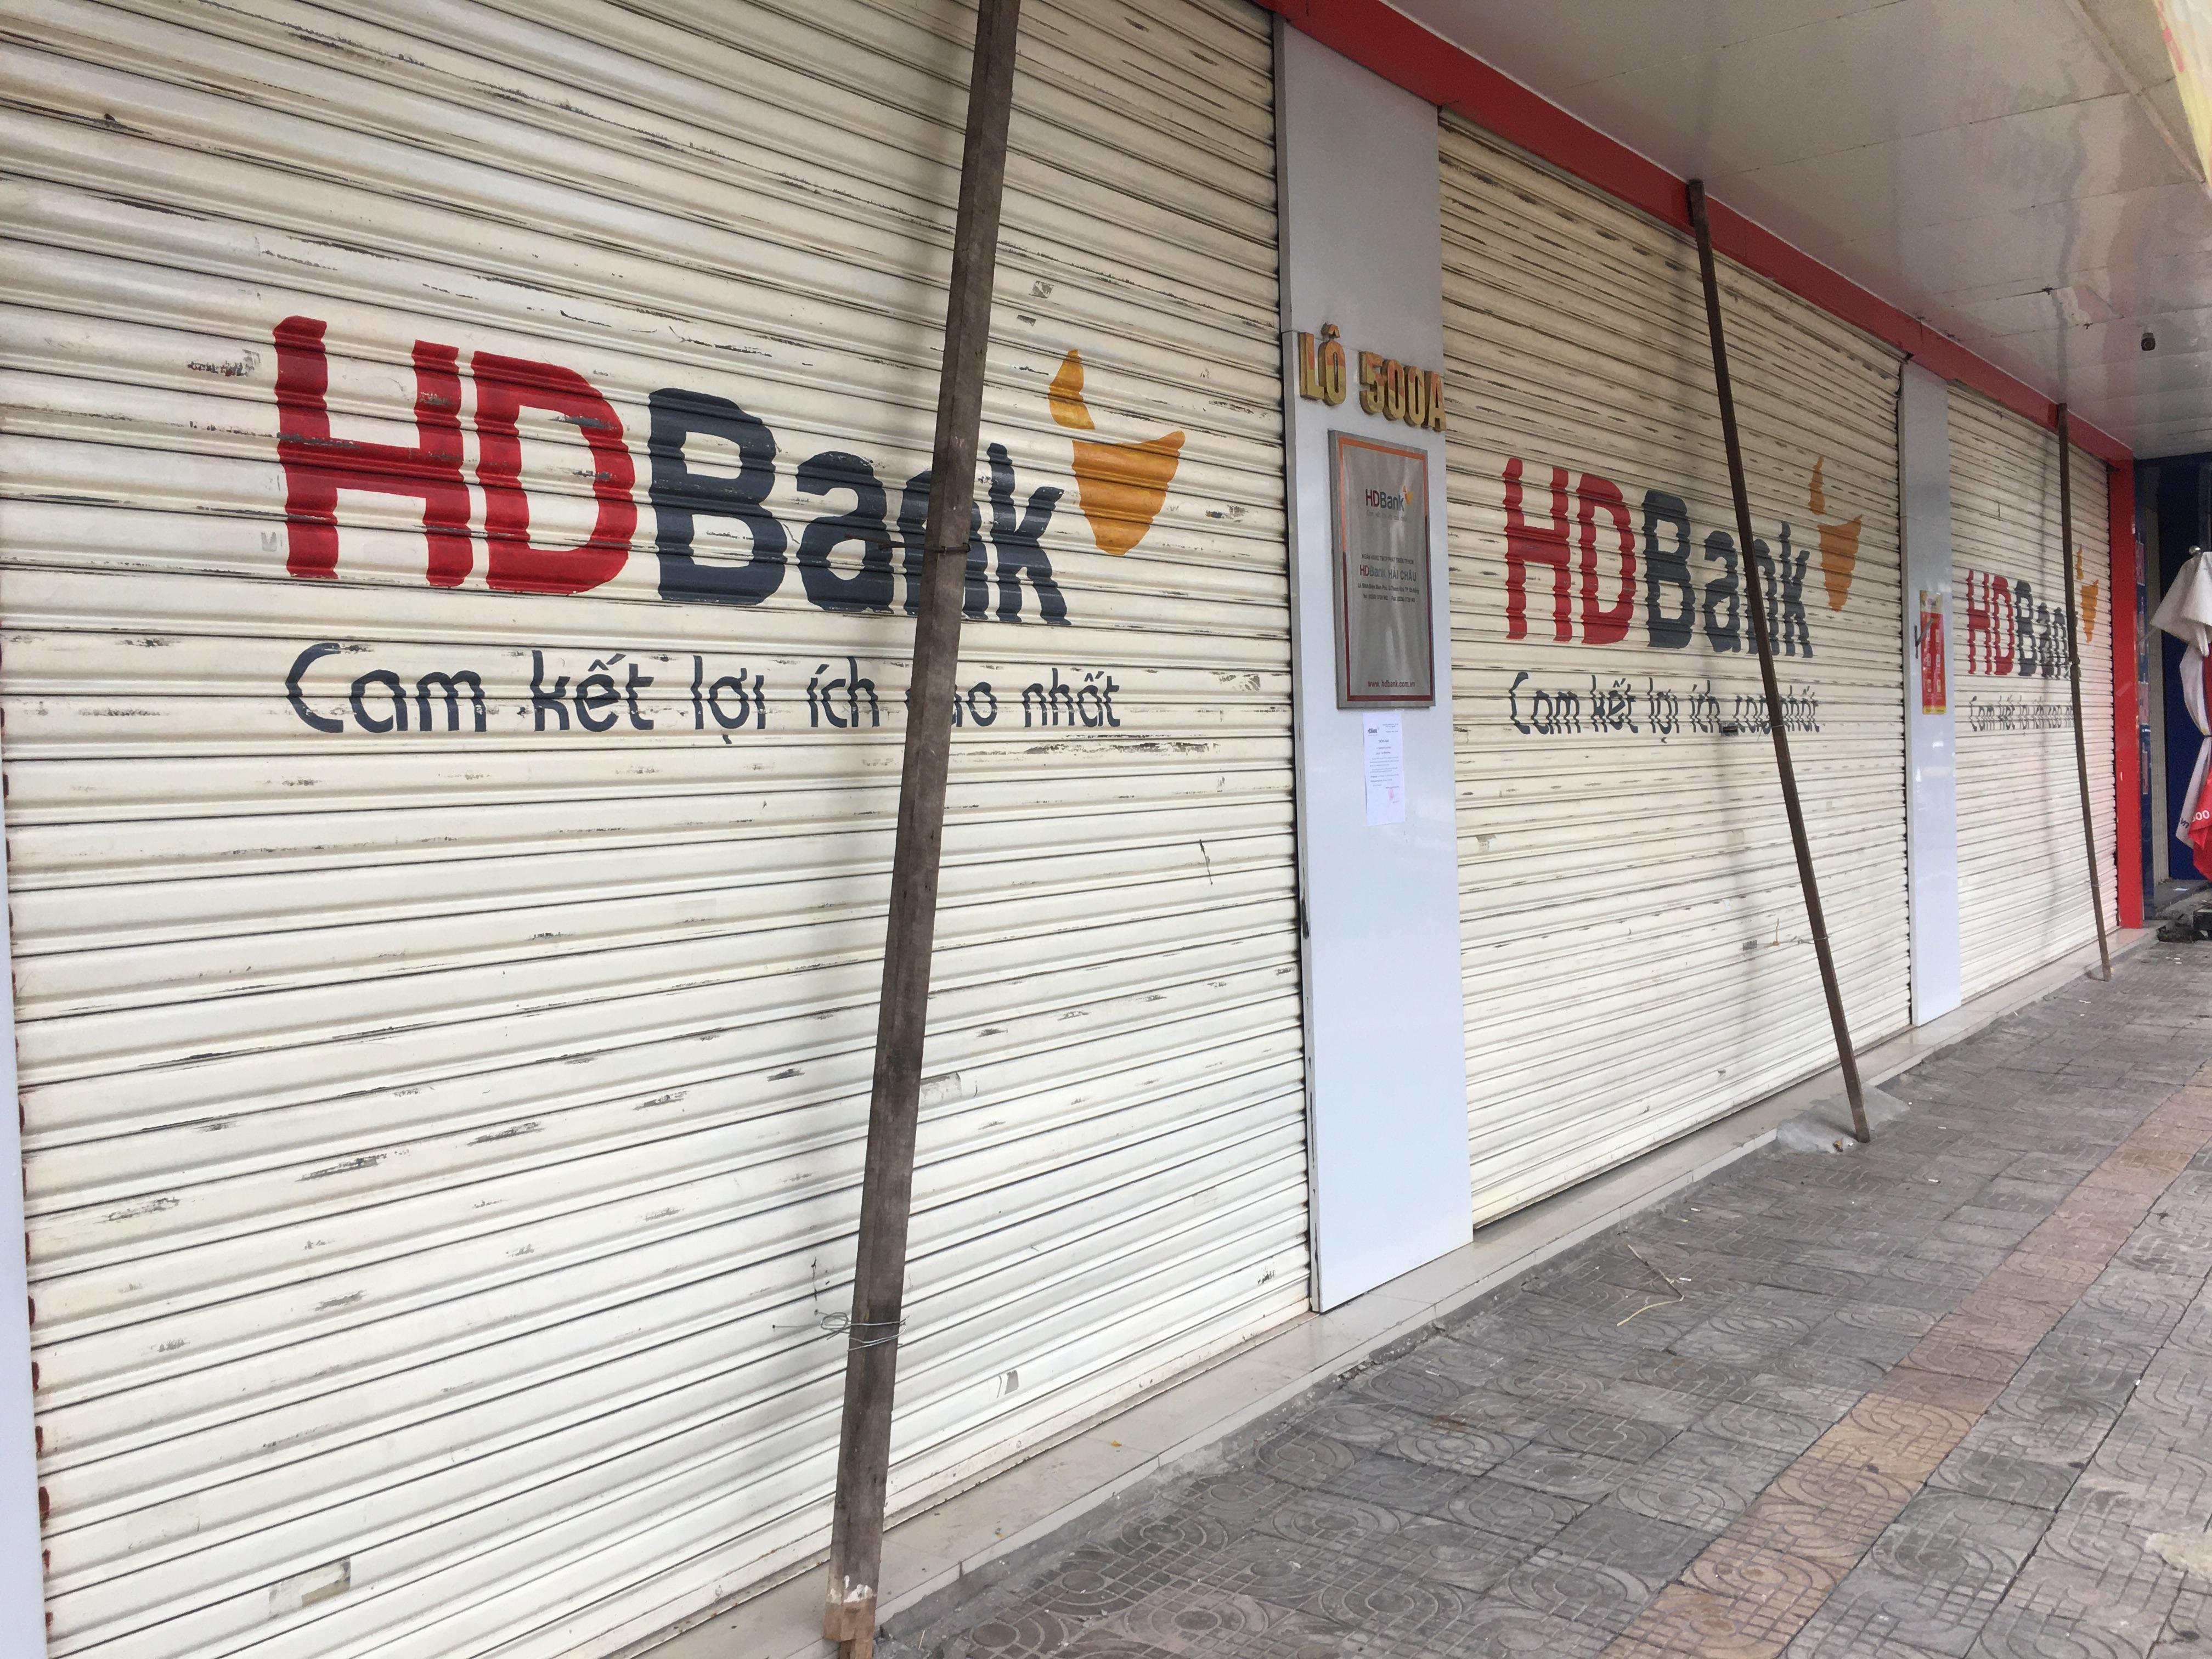 Bão số 9: Trụ ATM, ngân hàng ở Đà Nẵng tạm ngừng giao dịch, hàng loạt cửa hàng chèn chống trụ sở bằng hàng chục thanh sắt, gỗ loại lớn - Ảnh 7.